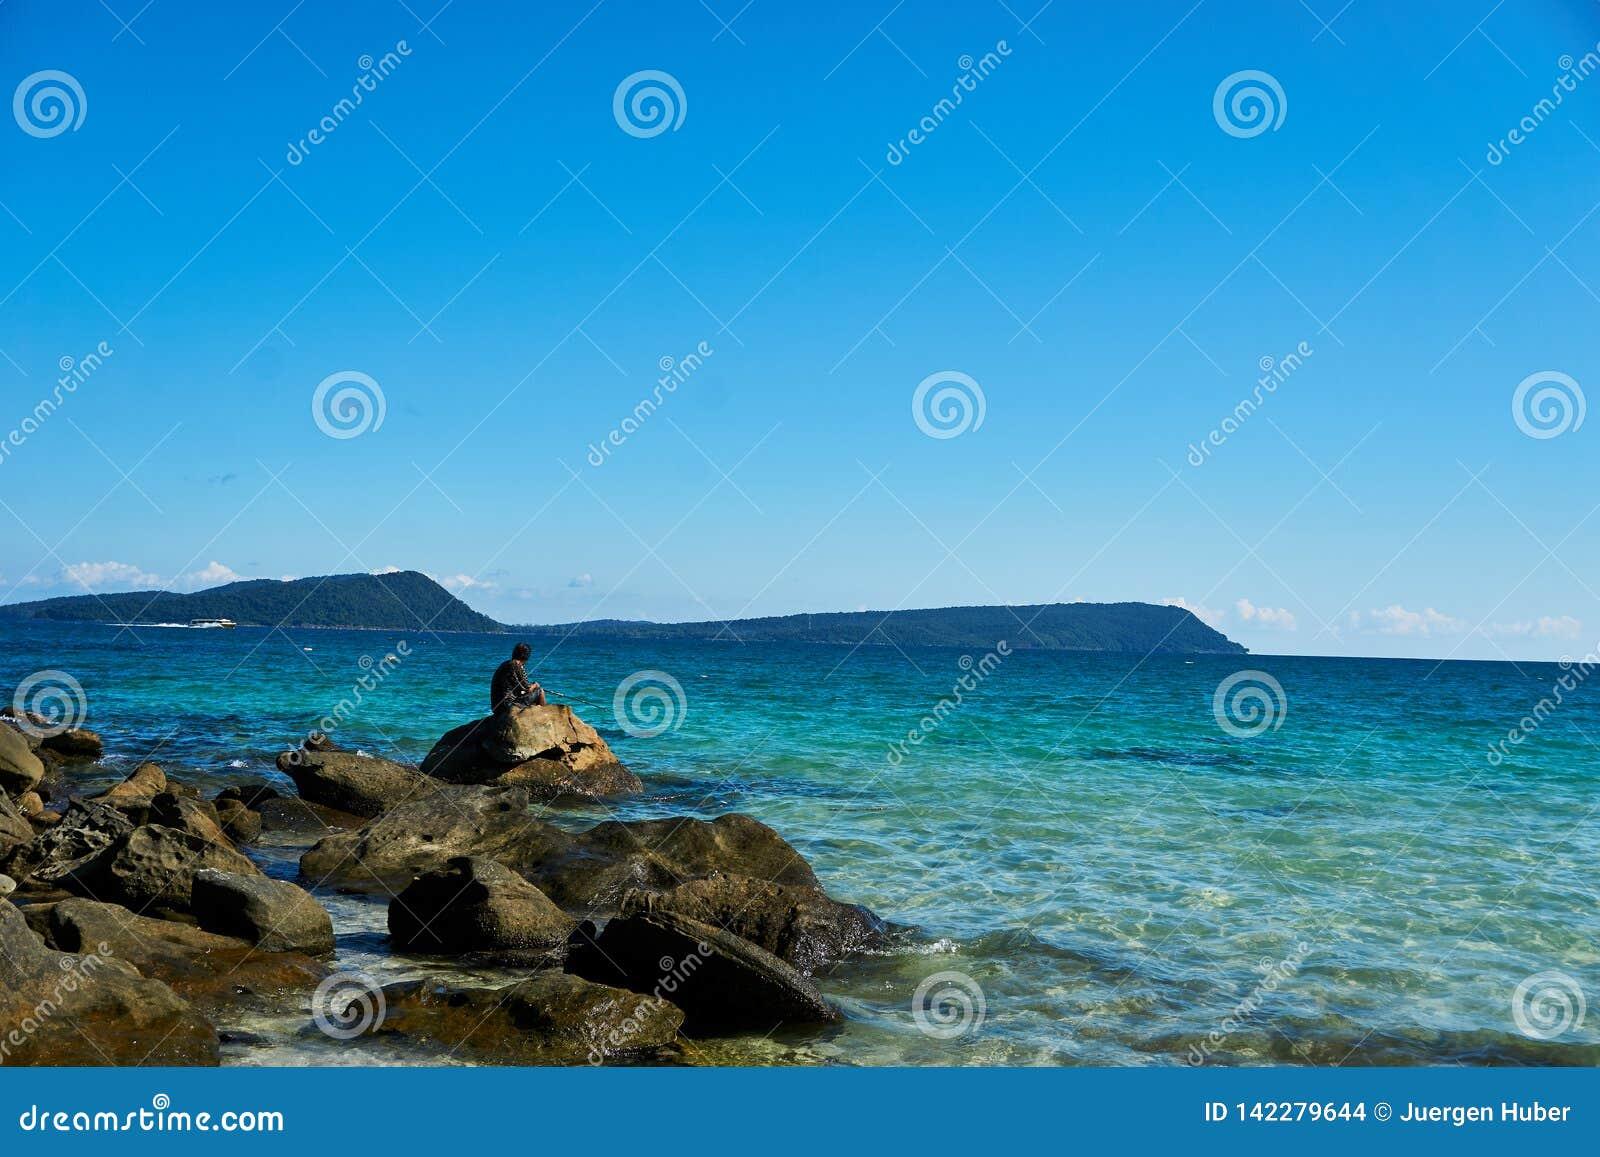 Рыболов удит на заливе Камбодже rong koh и сидит на камнях на пляже